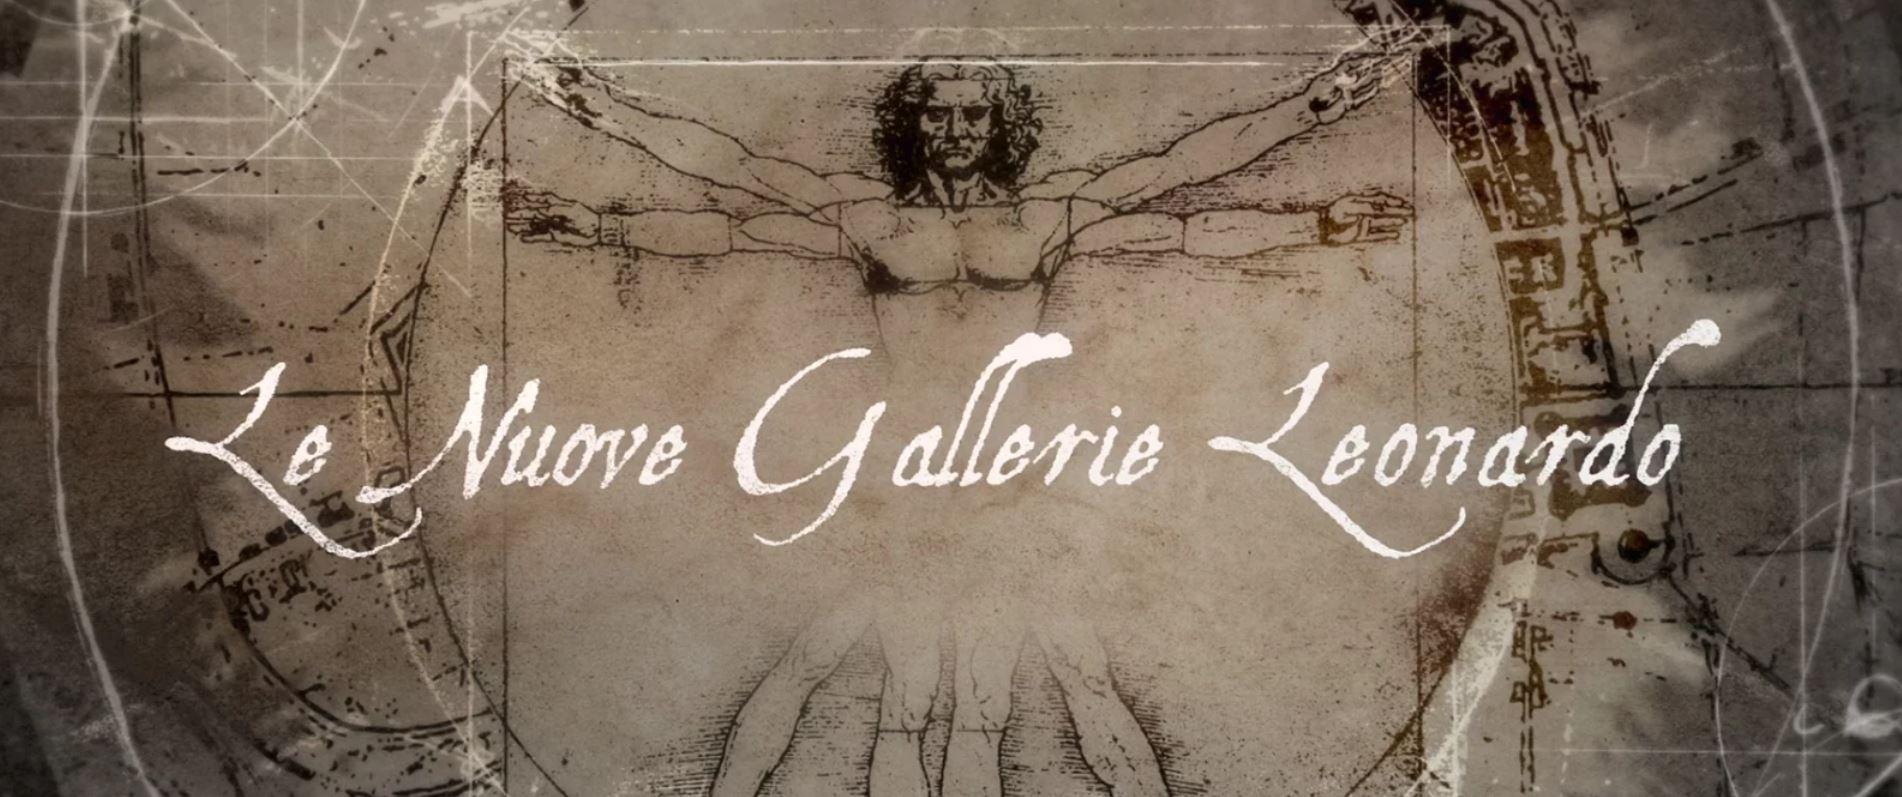 Le nuove Gallerie Leonardo inaugurate a Milano thumbnail